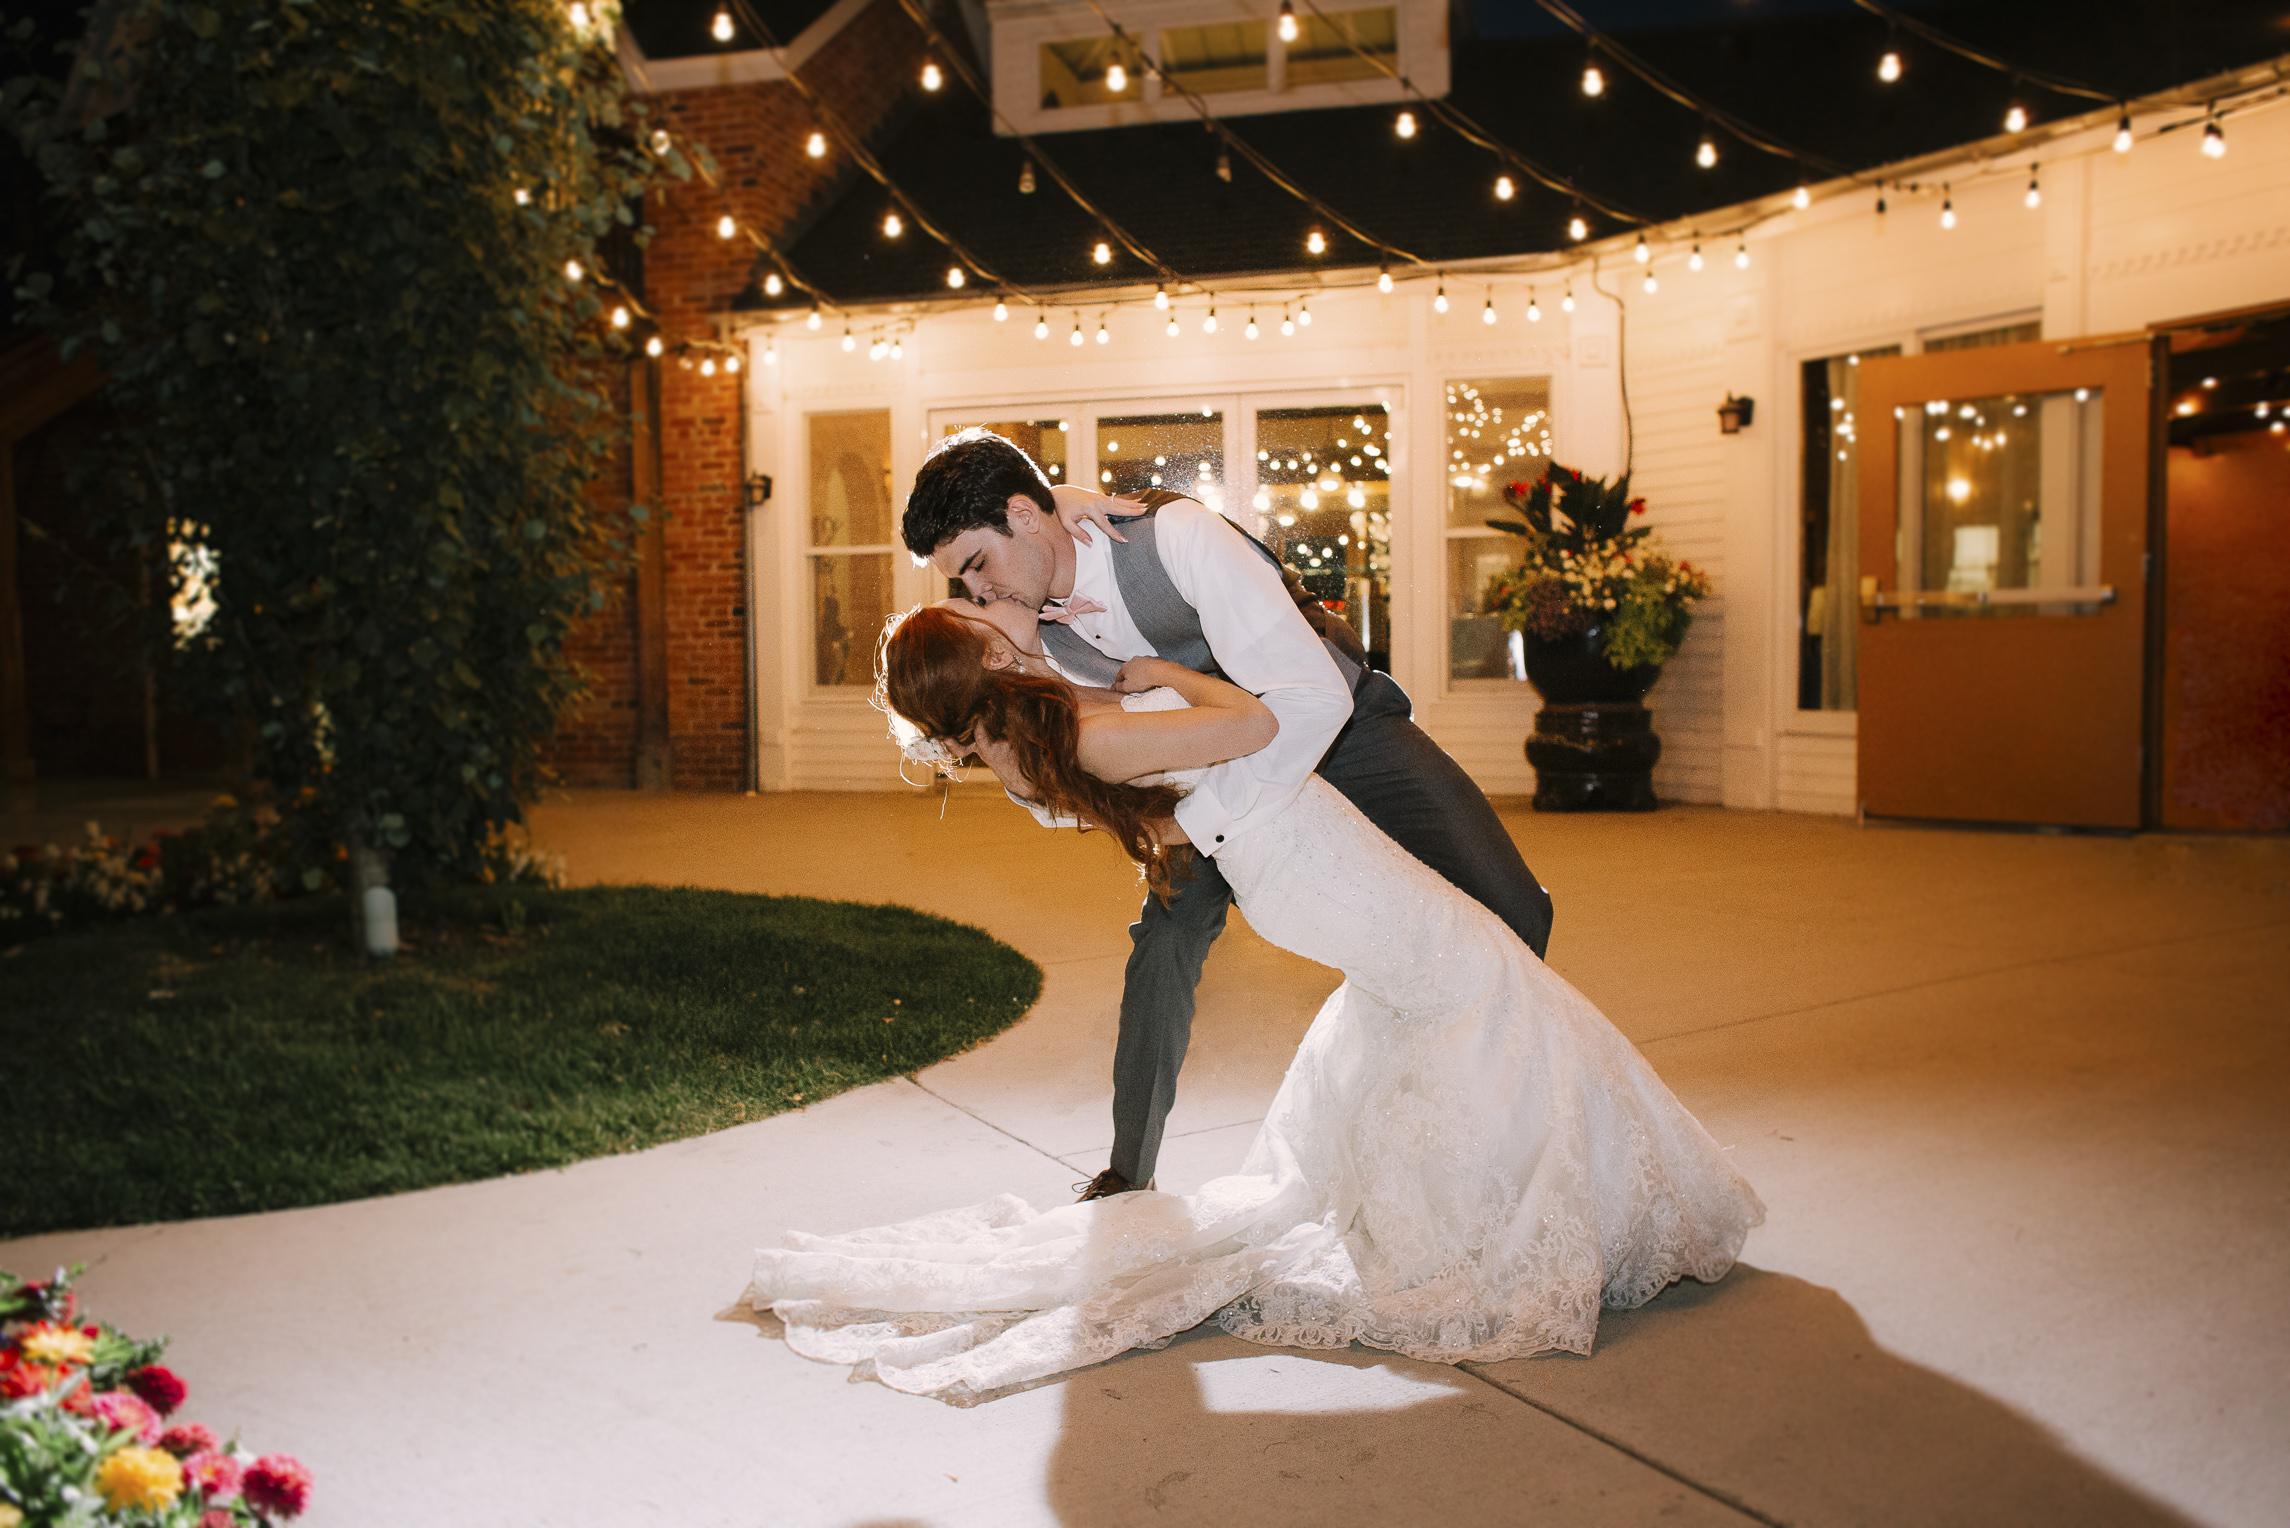 web sized images -- no to print --CALVIN & MCKYLEY WEDDING PHOTOS - COLORADO PHOTOGRAPHER - DEBI RAE PHOTOGRAPHY-2659.jpg